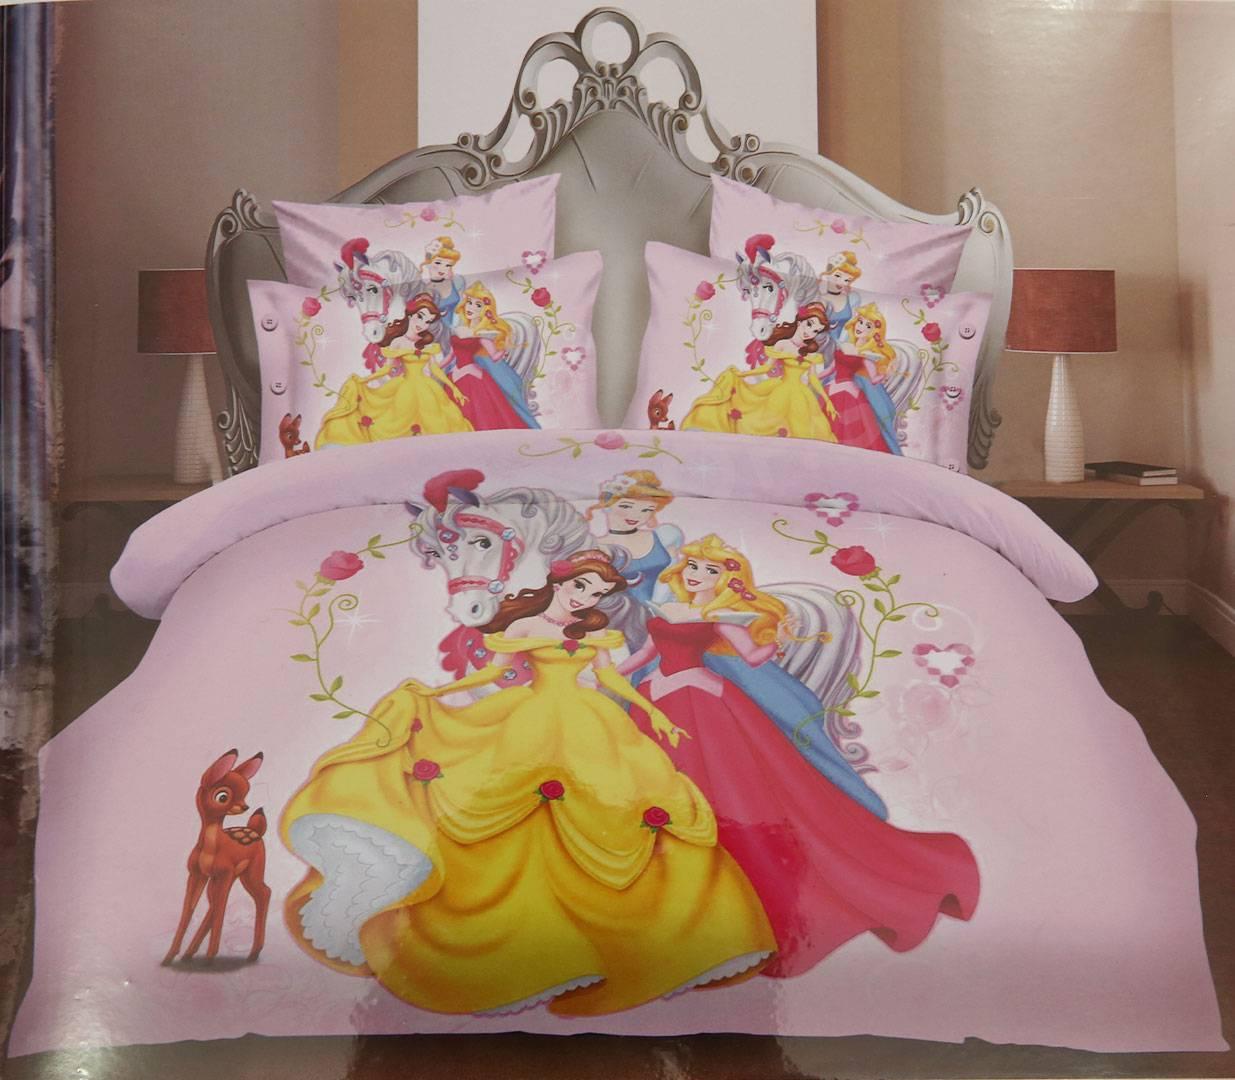 საბავშვო თეთრეული Disney Princess ერთსაწოლიანი 30035 ...